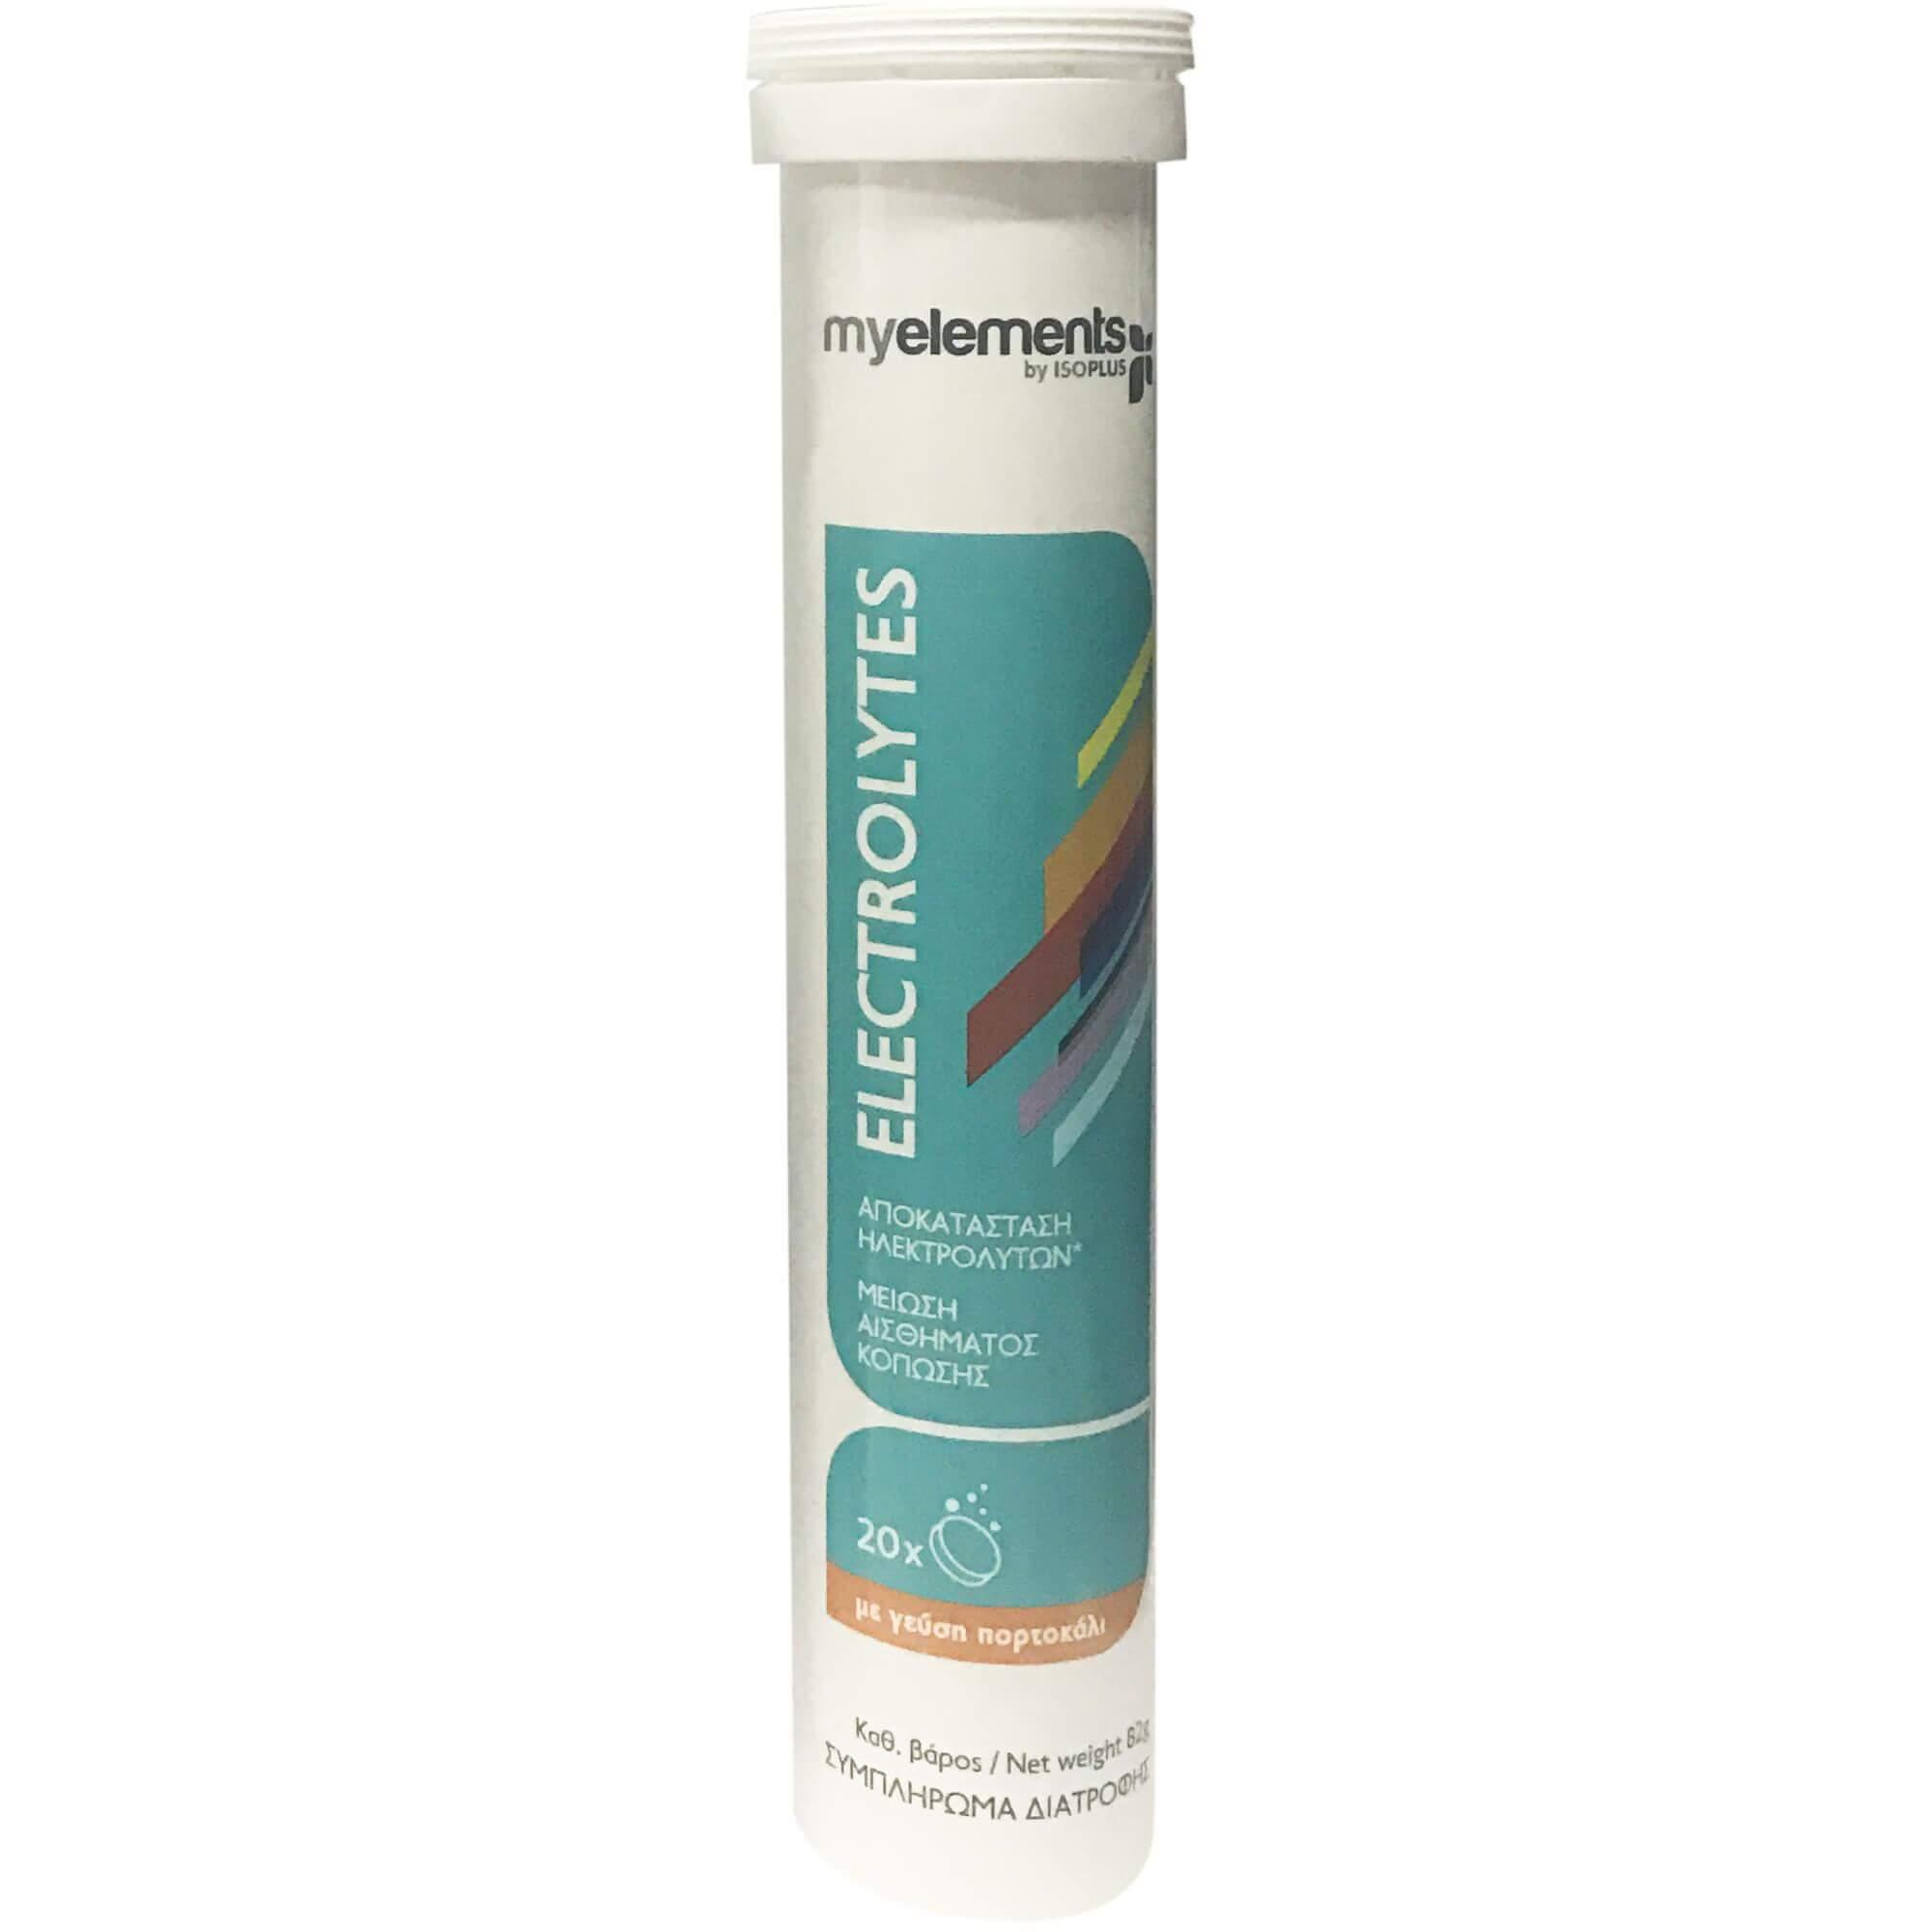 My Elements ElectrolytesΣυμπλήρωμα Διατροφής για την Αποκατάσταση των Ηλεκτρολυτών στον Οργανισμό με Γεύση Πορτοκάλι20 Τεμάχια